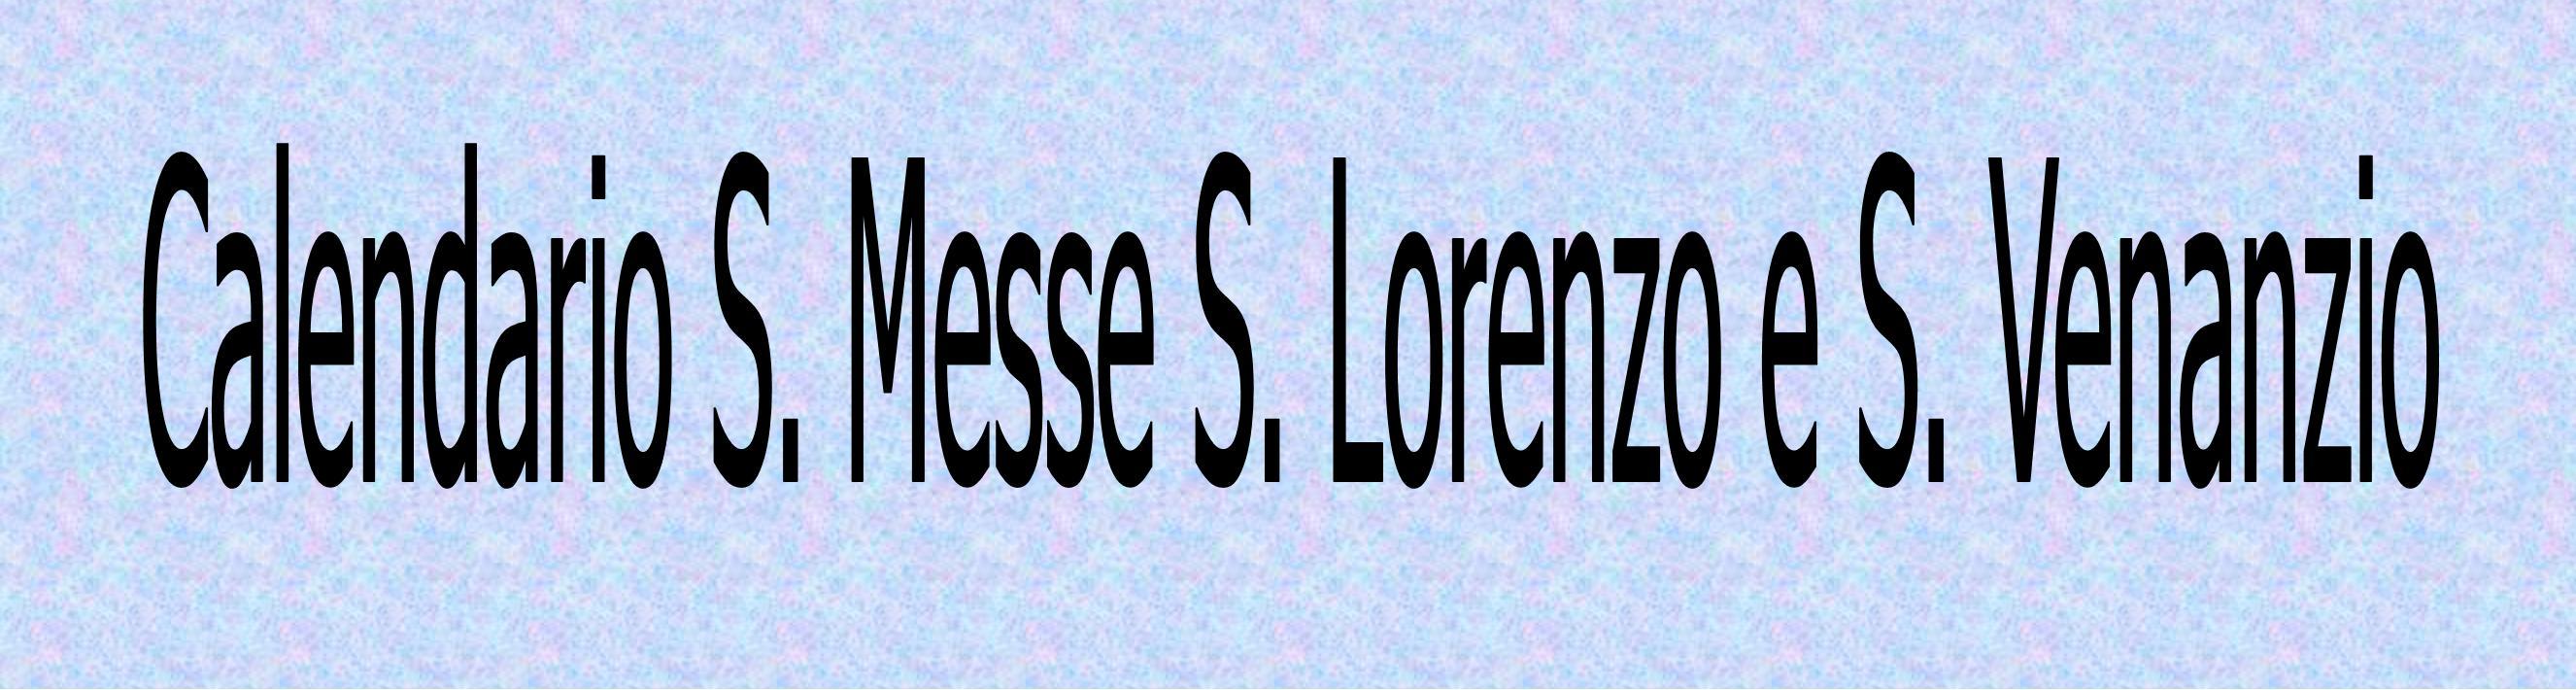 S.LORENZO S. VENANZIO